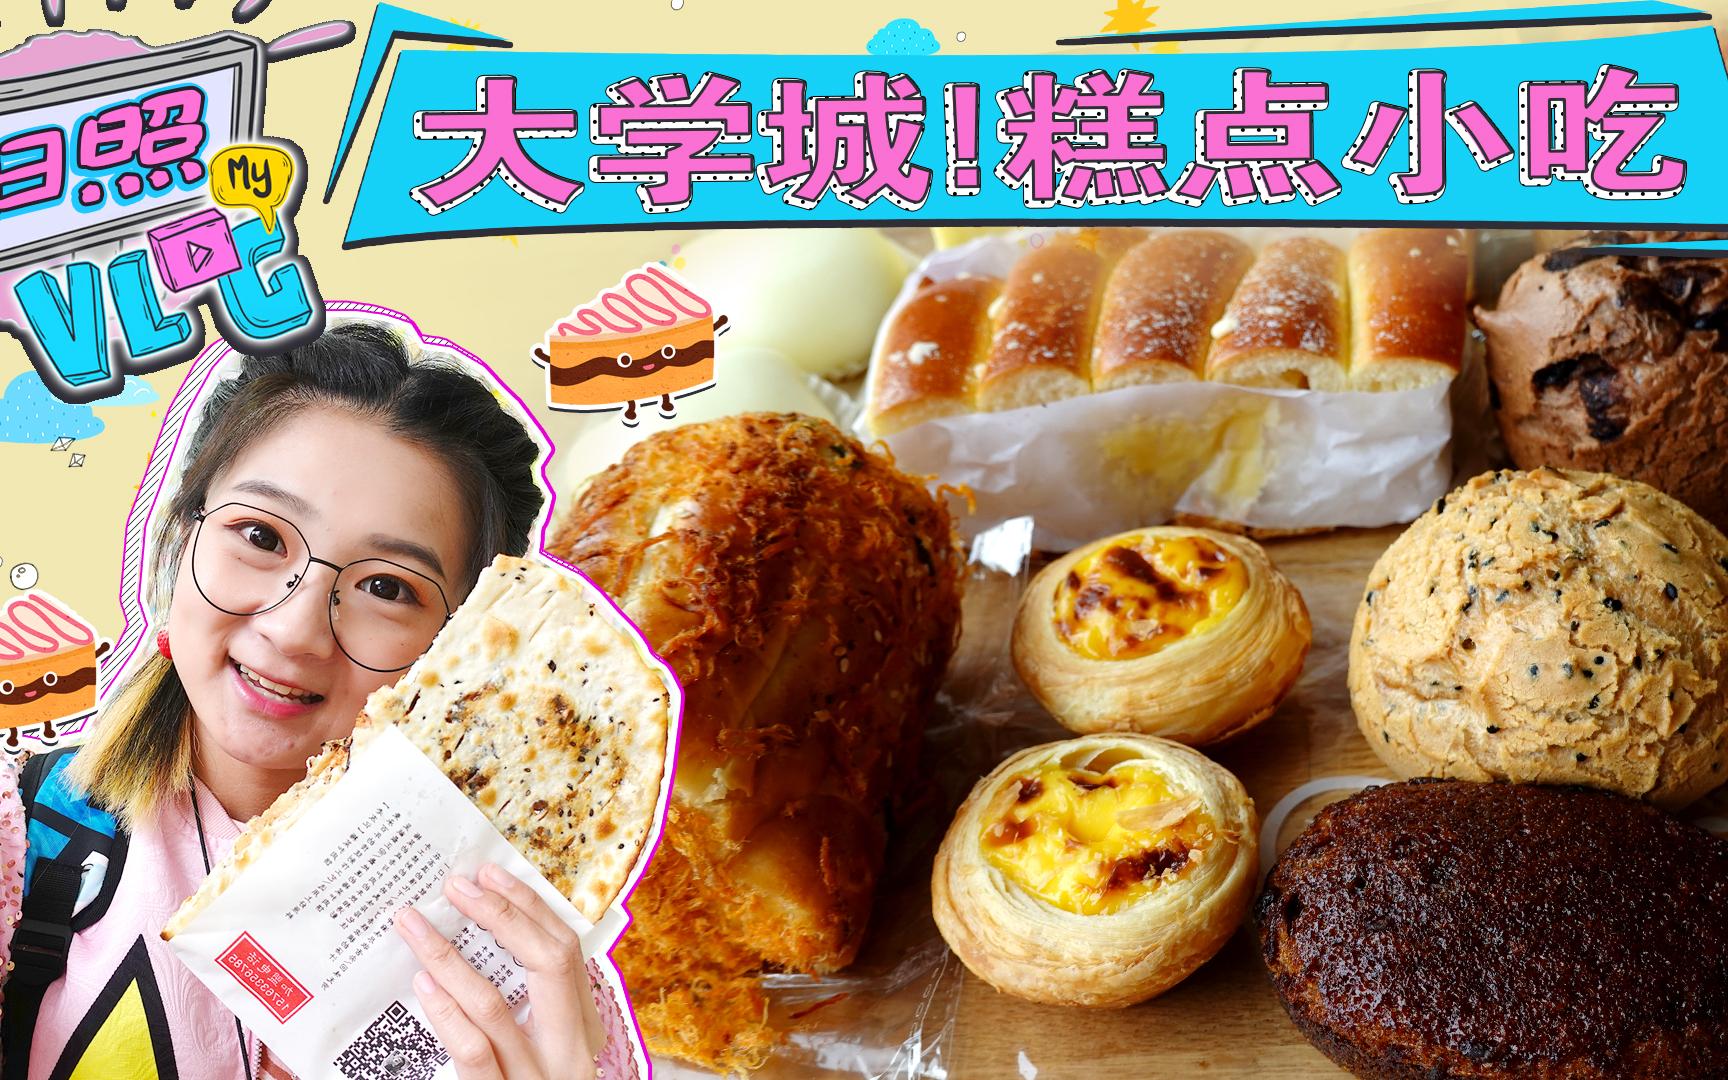 【逛吃日照】大学城一日游!糕点小吃、梅菜肉饼、炒菜,要啥有啥